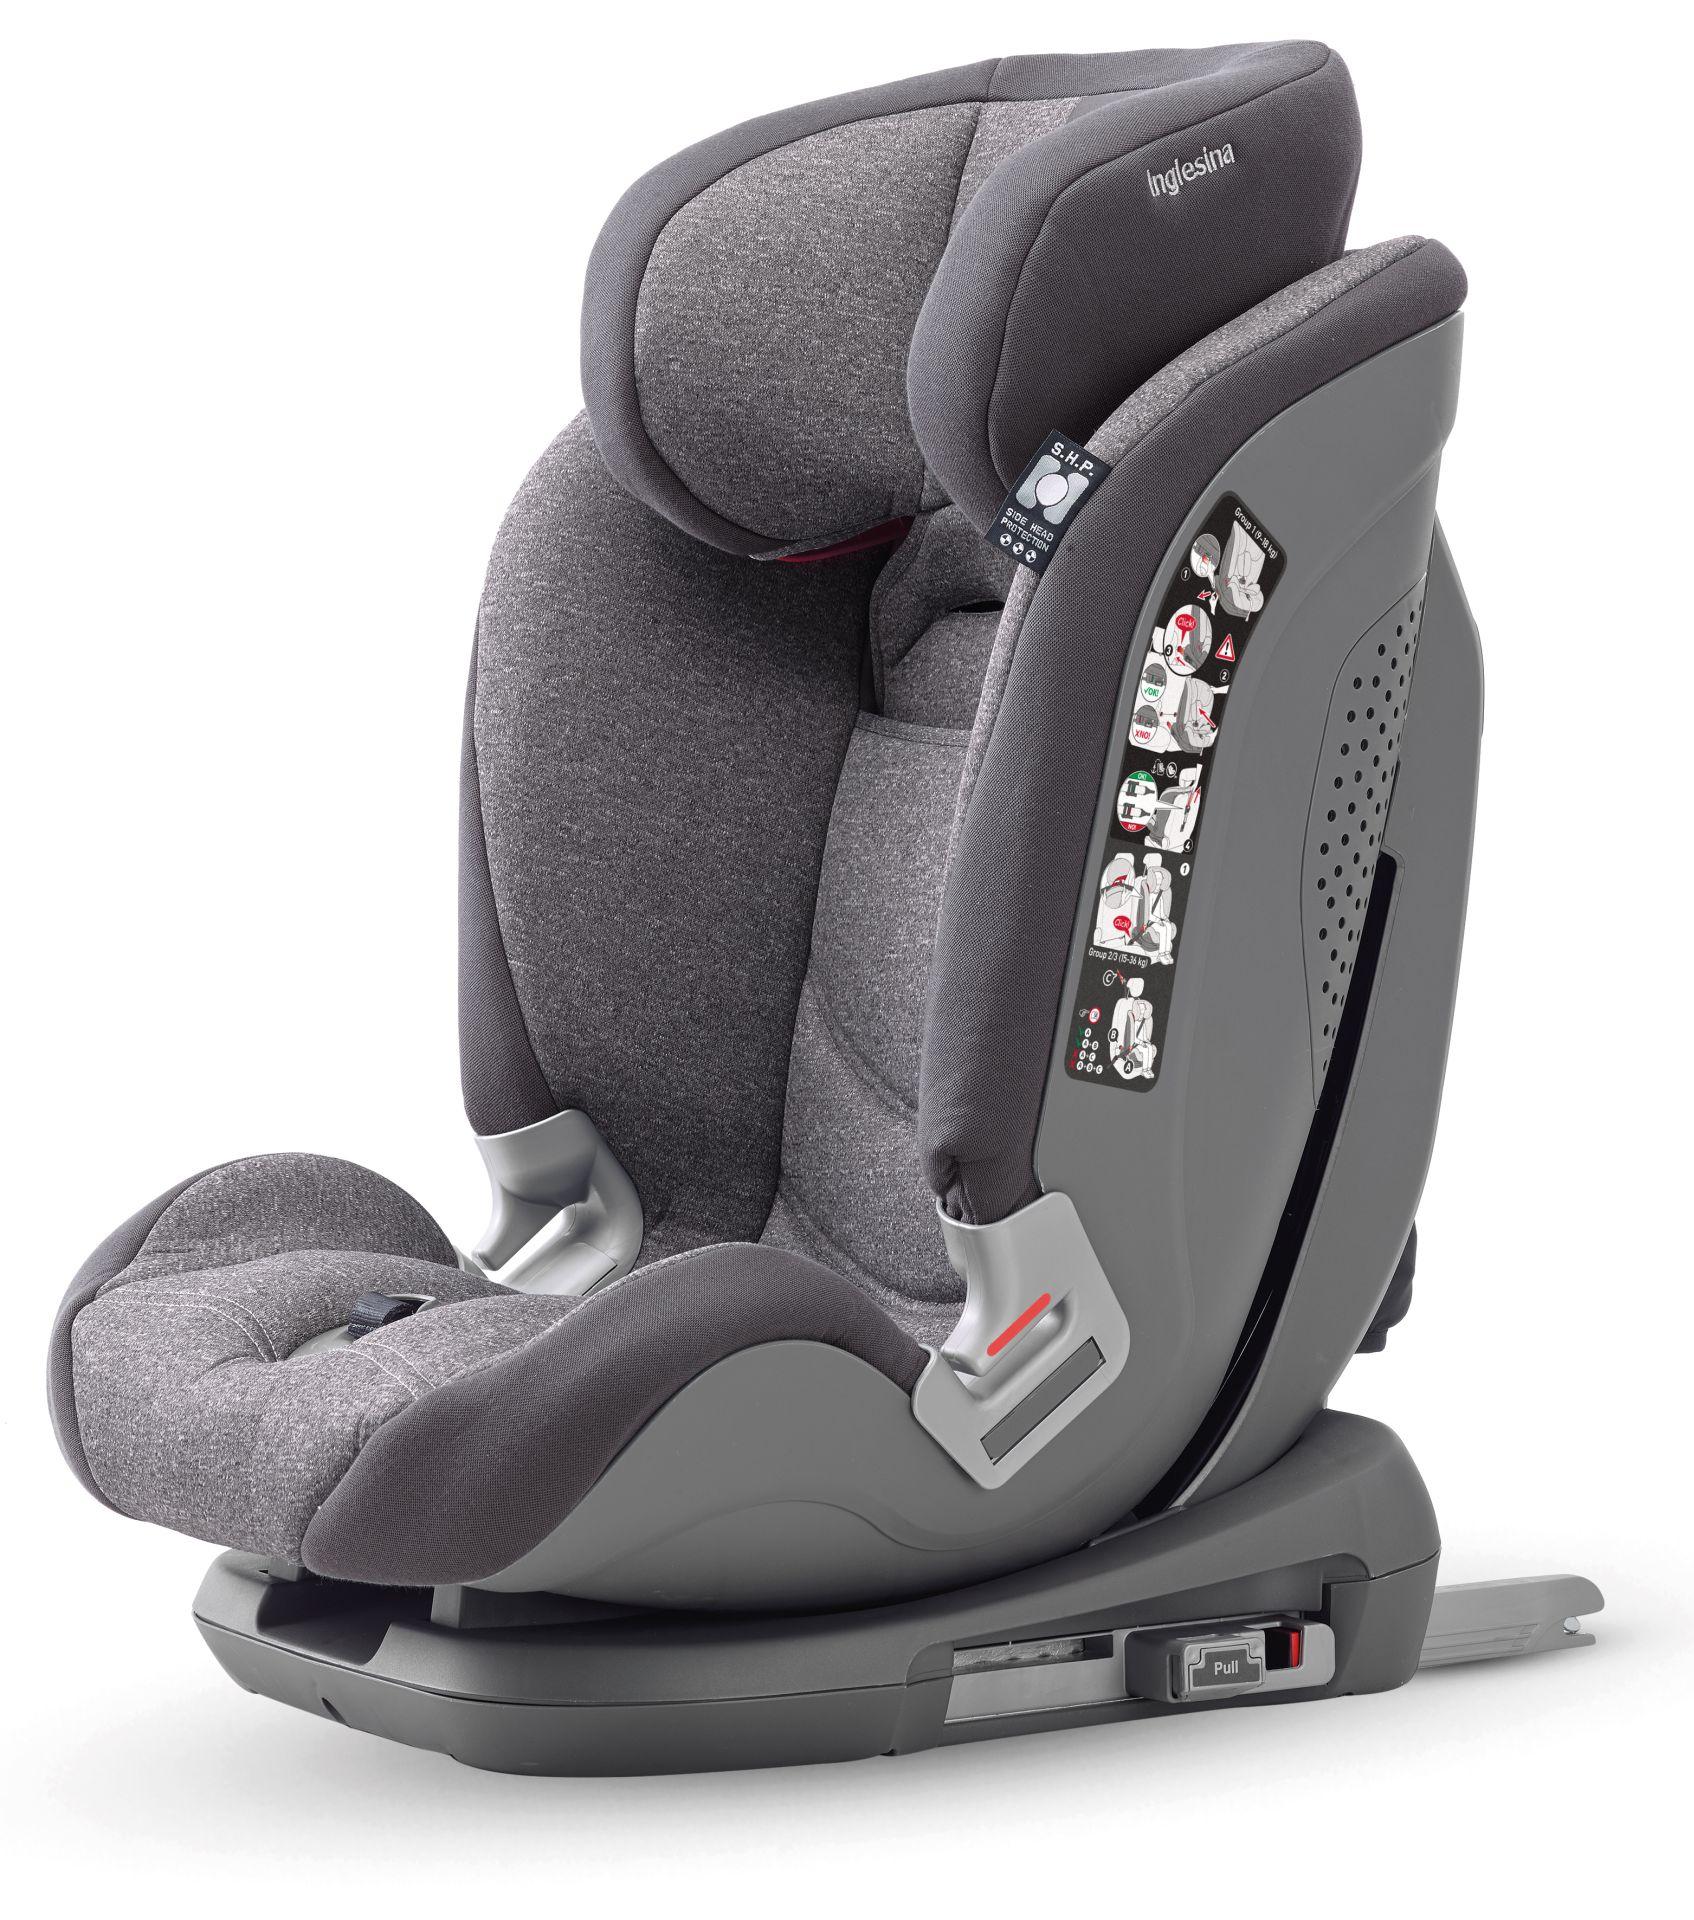 Inglesina Child Car Seat Newton 1 2 3 Ifix Buy At Kidsroom Car Seats